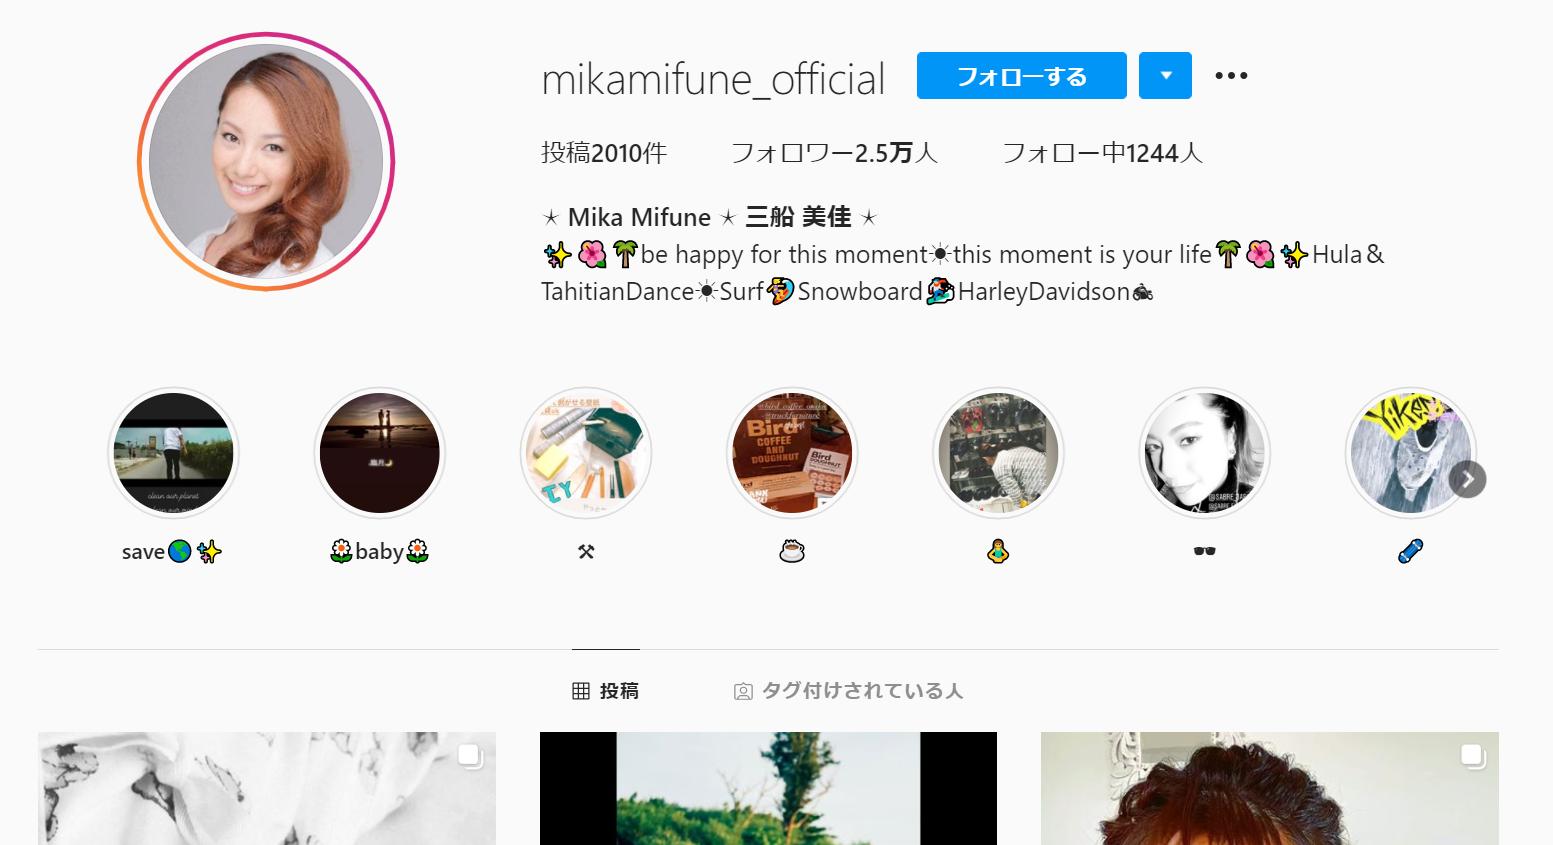 美佳 instagram 三船